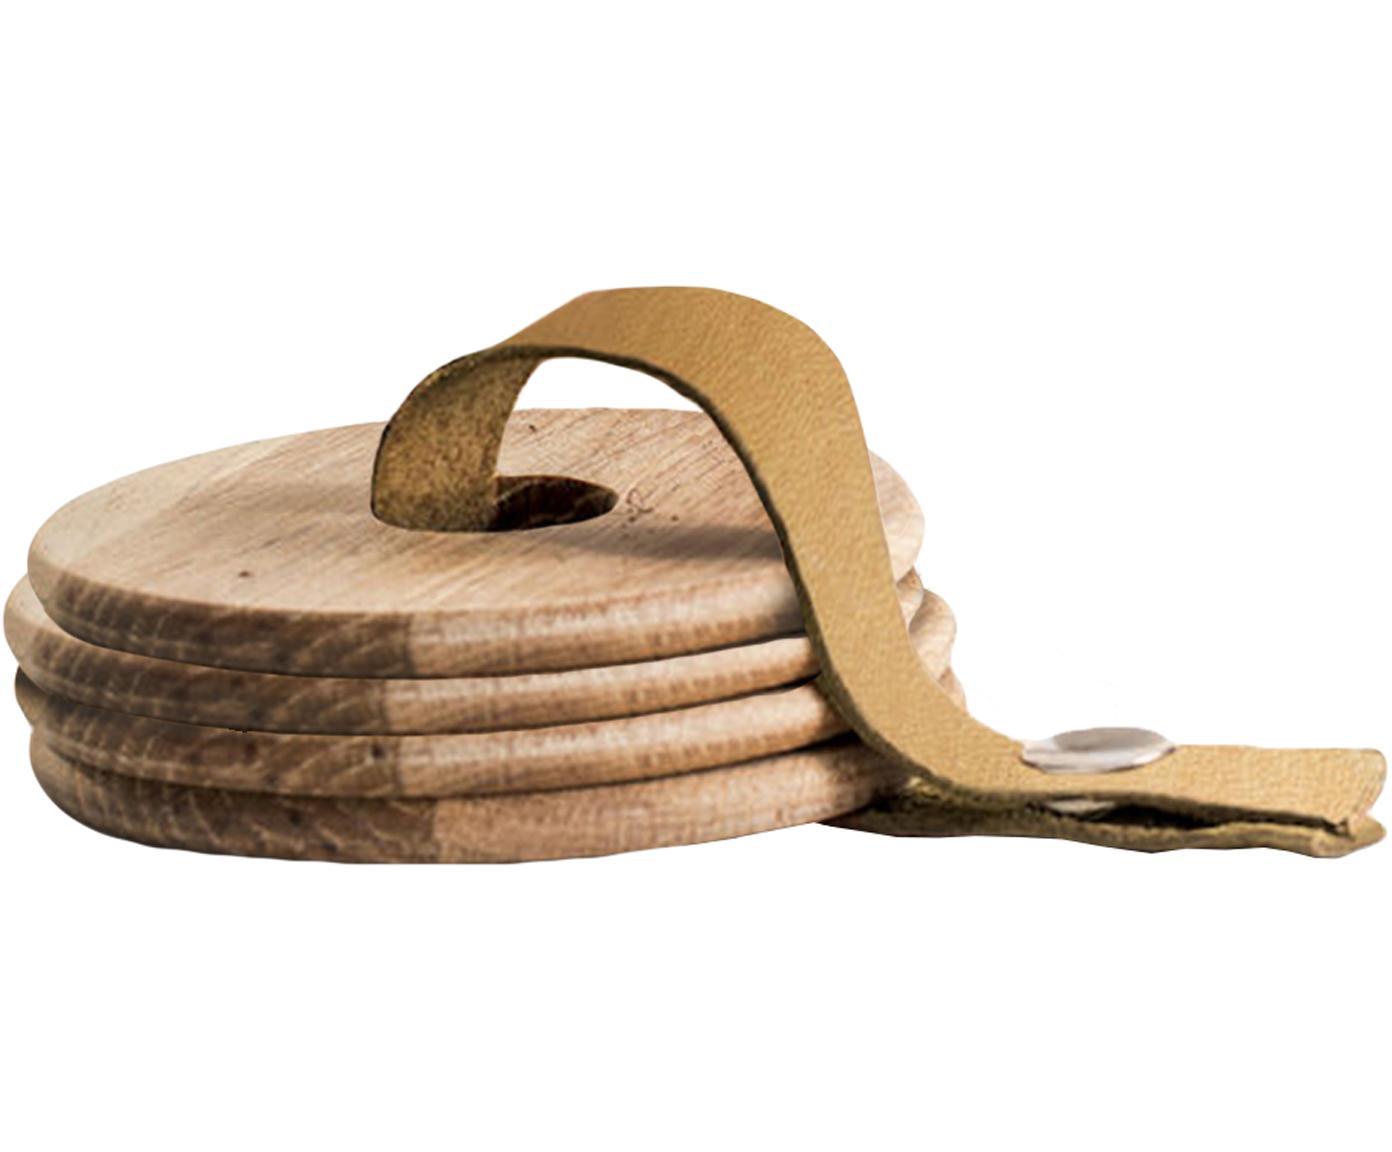 Komplet podstawek z drewna dębowego Strap, 5 elem., Drewno dębowe, brązowy, Ø 9 x W 1 cm